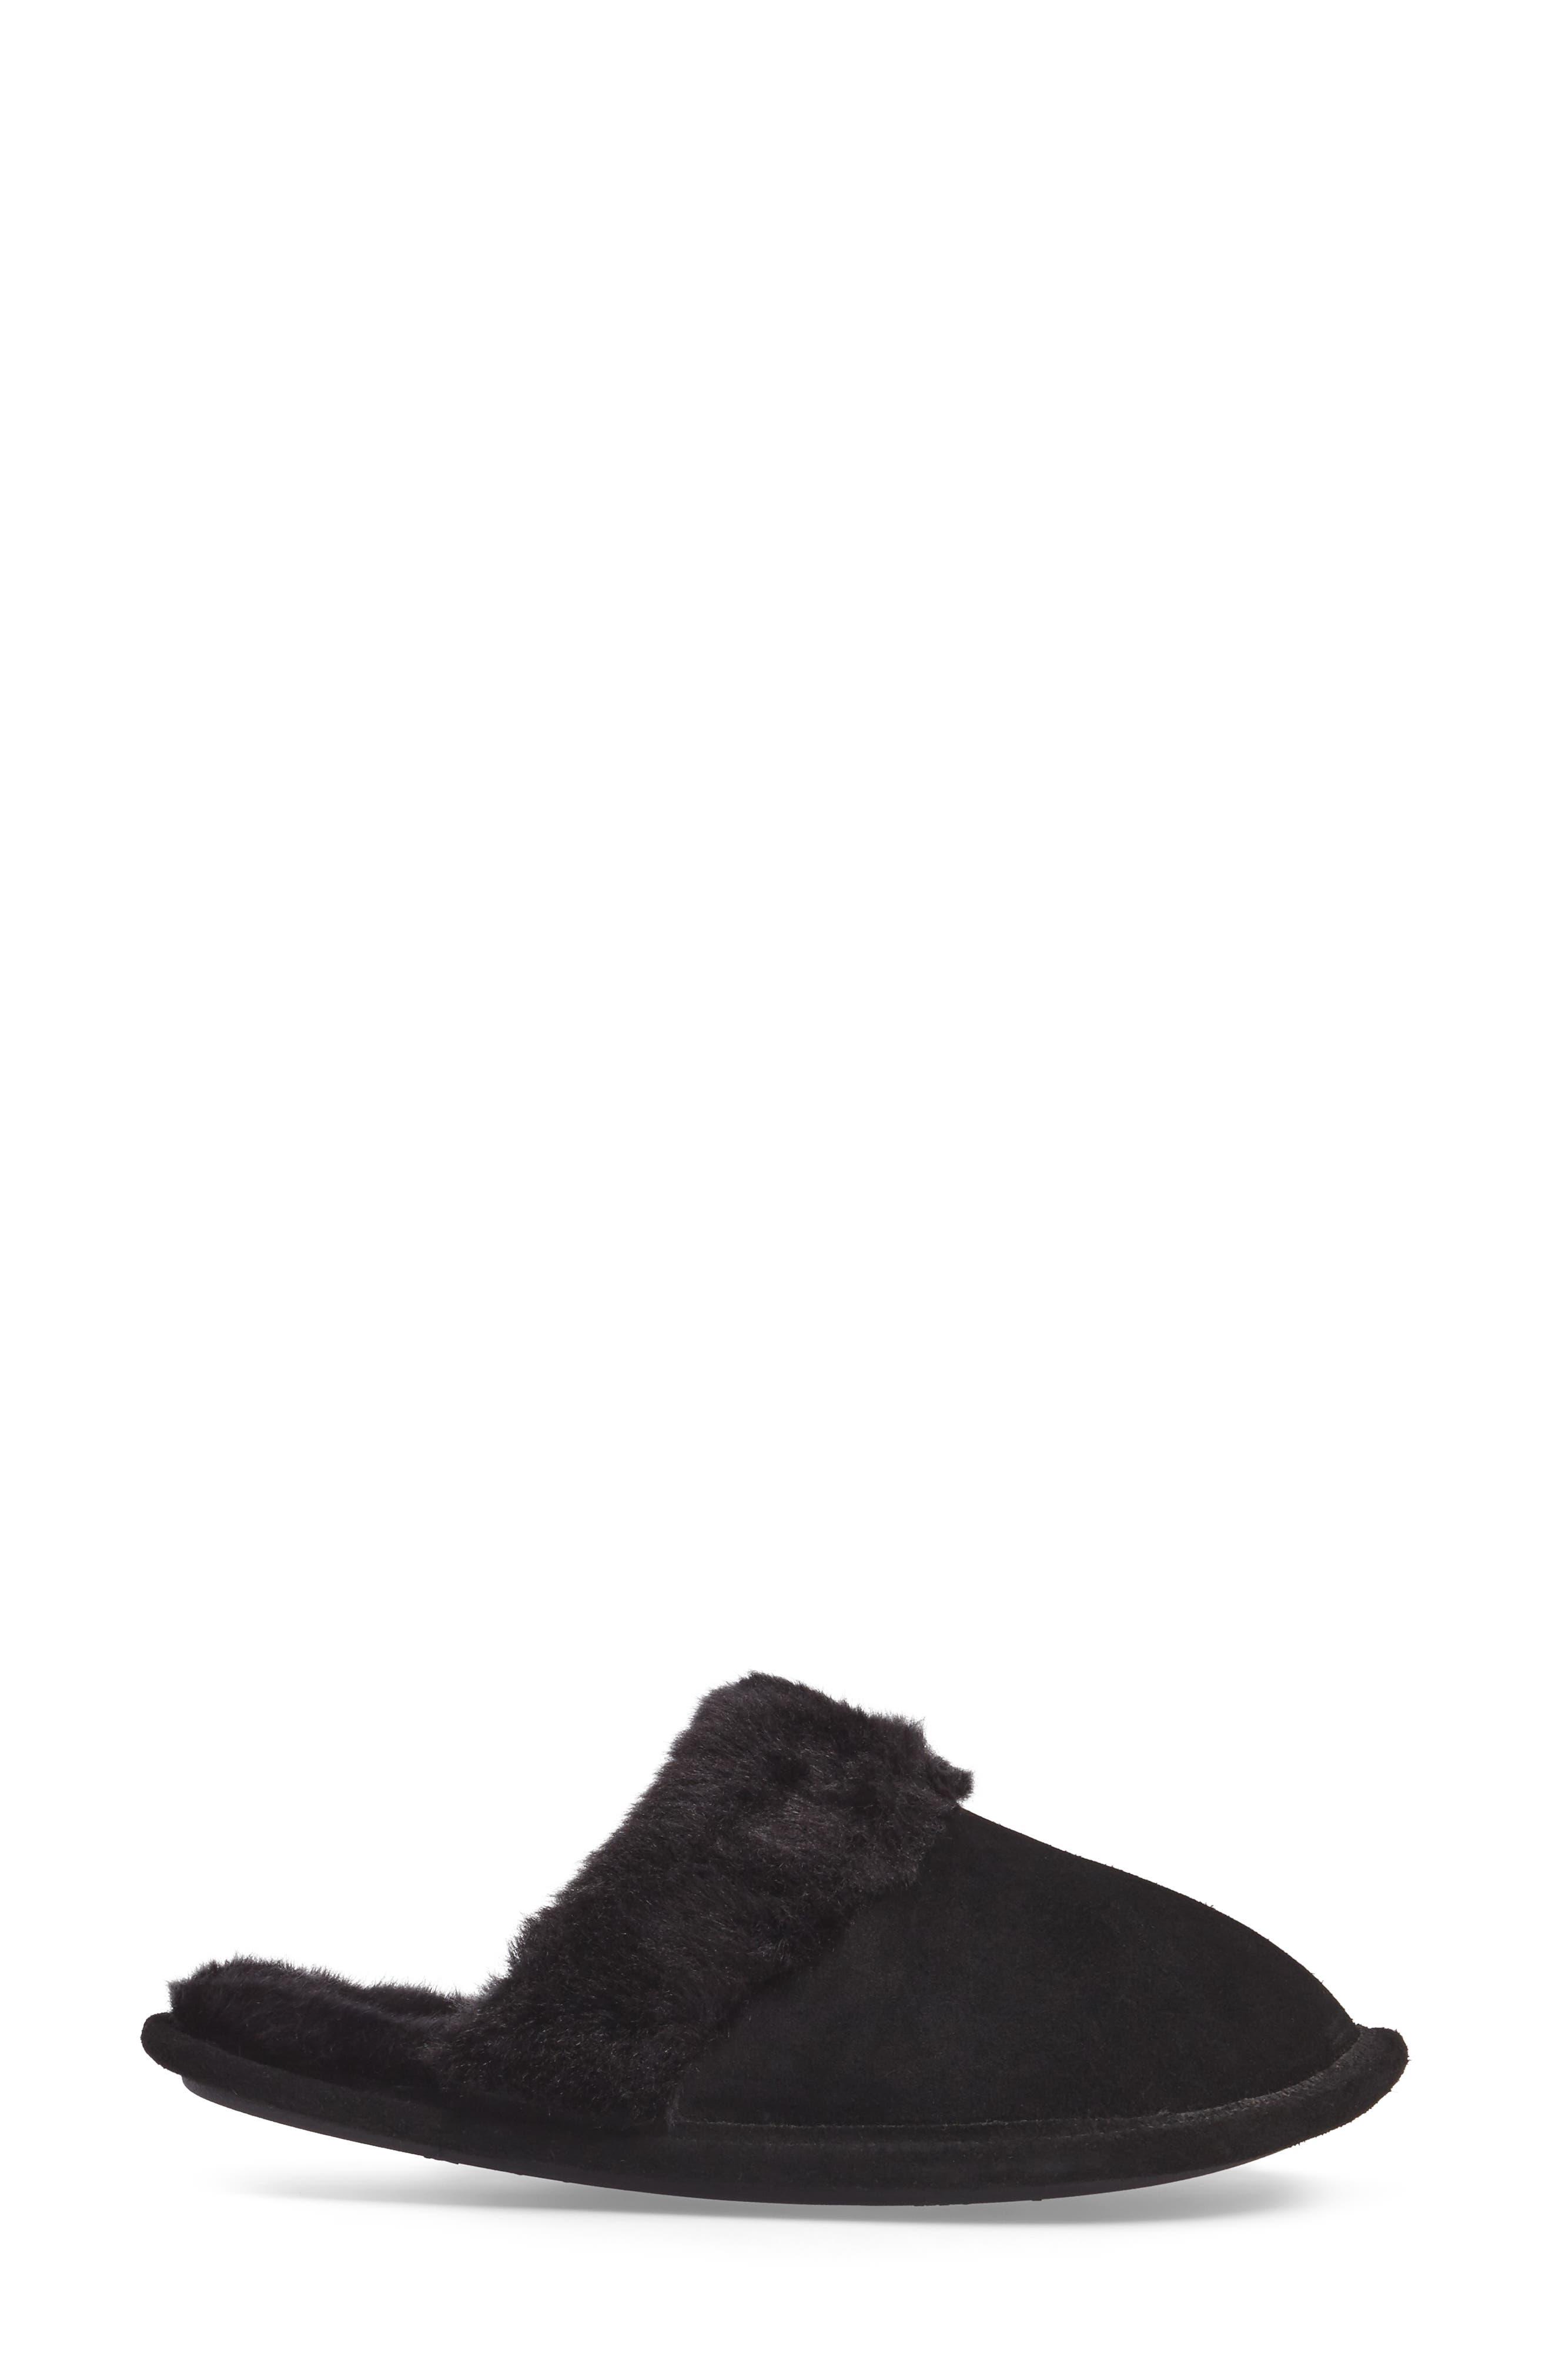 Pammy Faux Fur Slipper,                             Alternate thumbnail 3, color,                             Black Suede